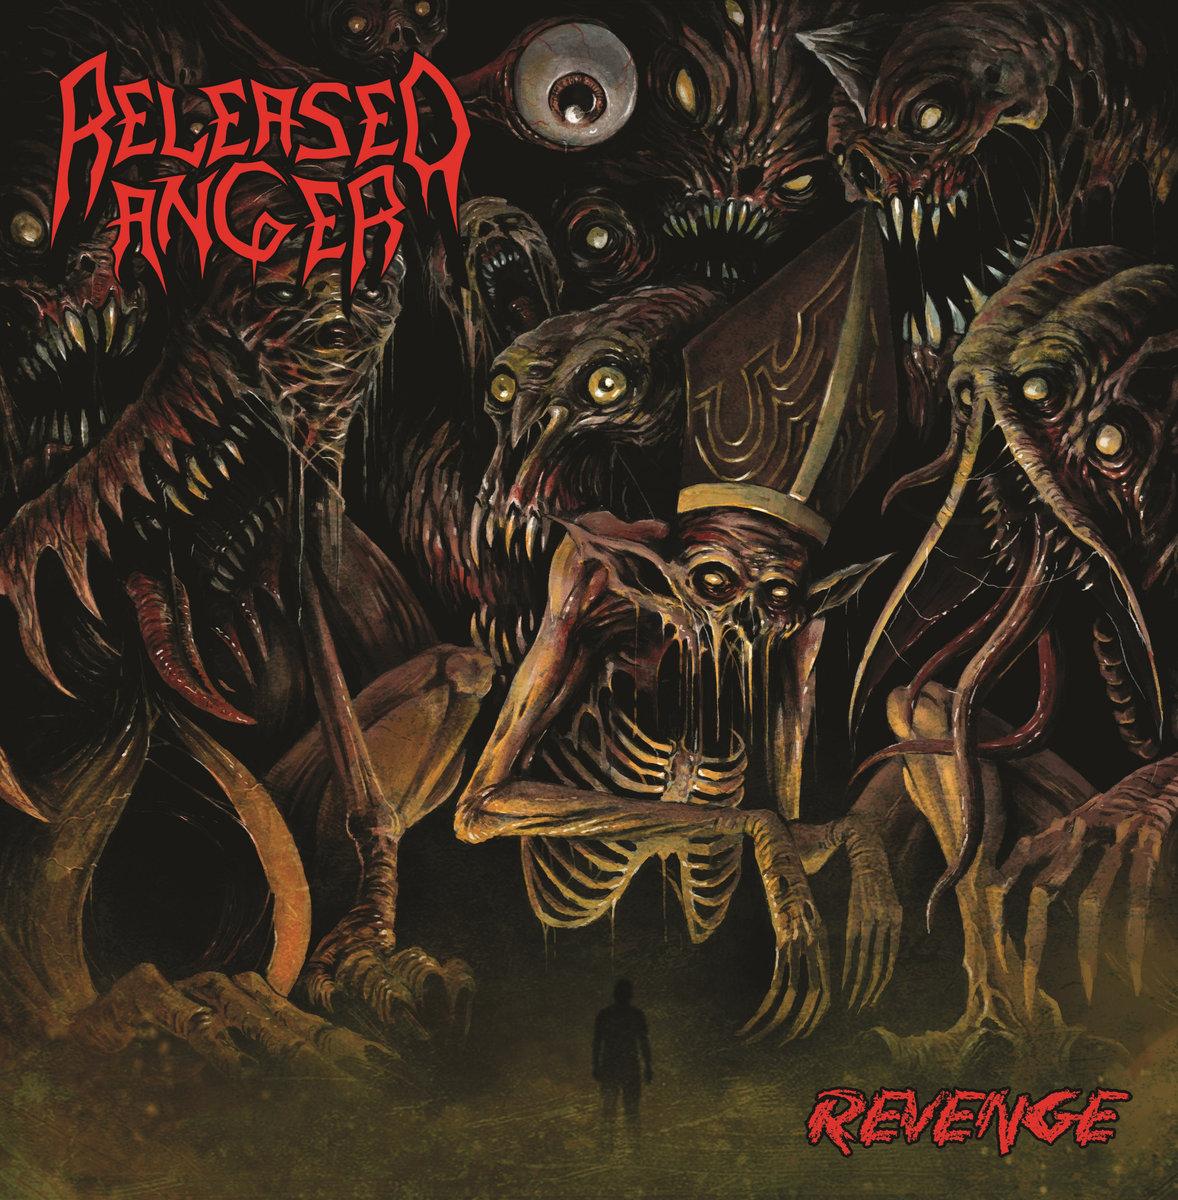 Hardcore & Metal Music: Released Anger - Revenge (2017)